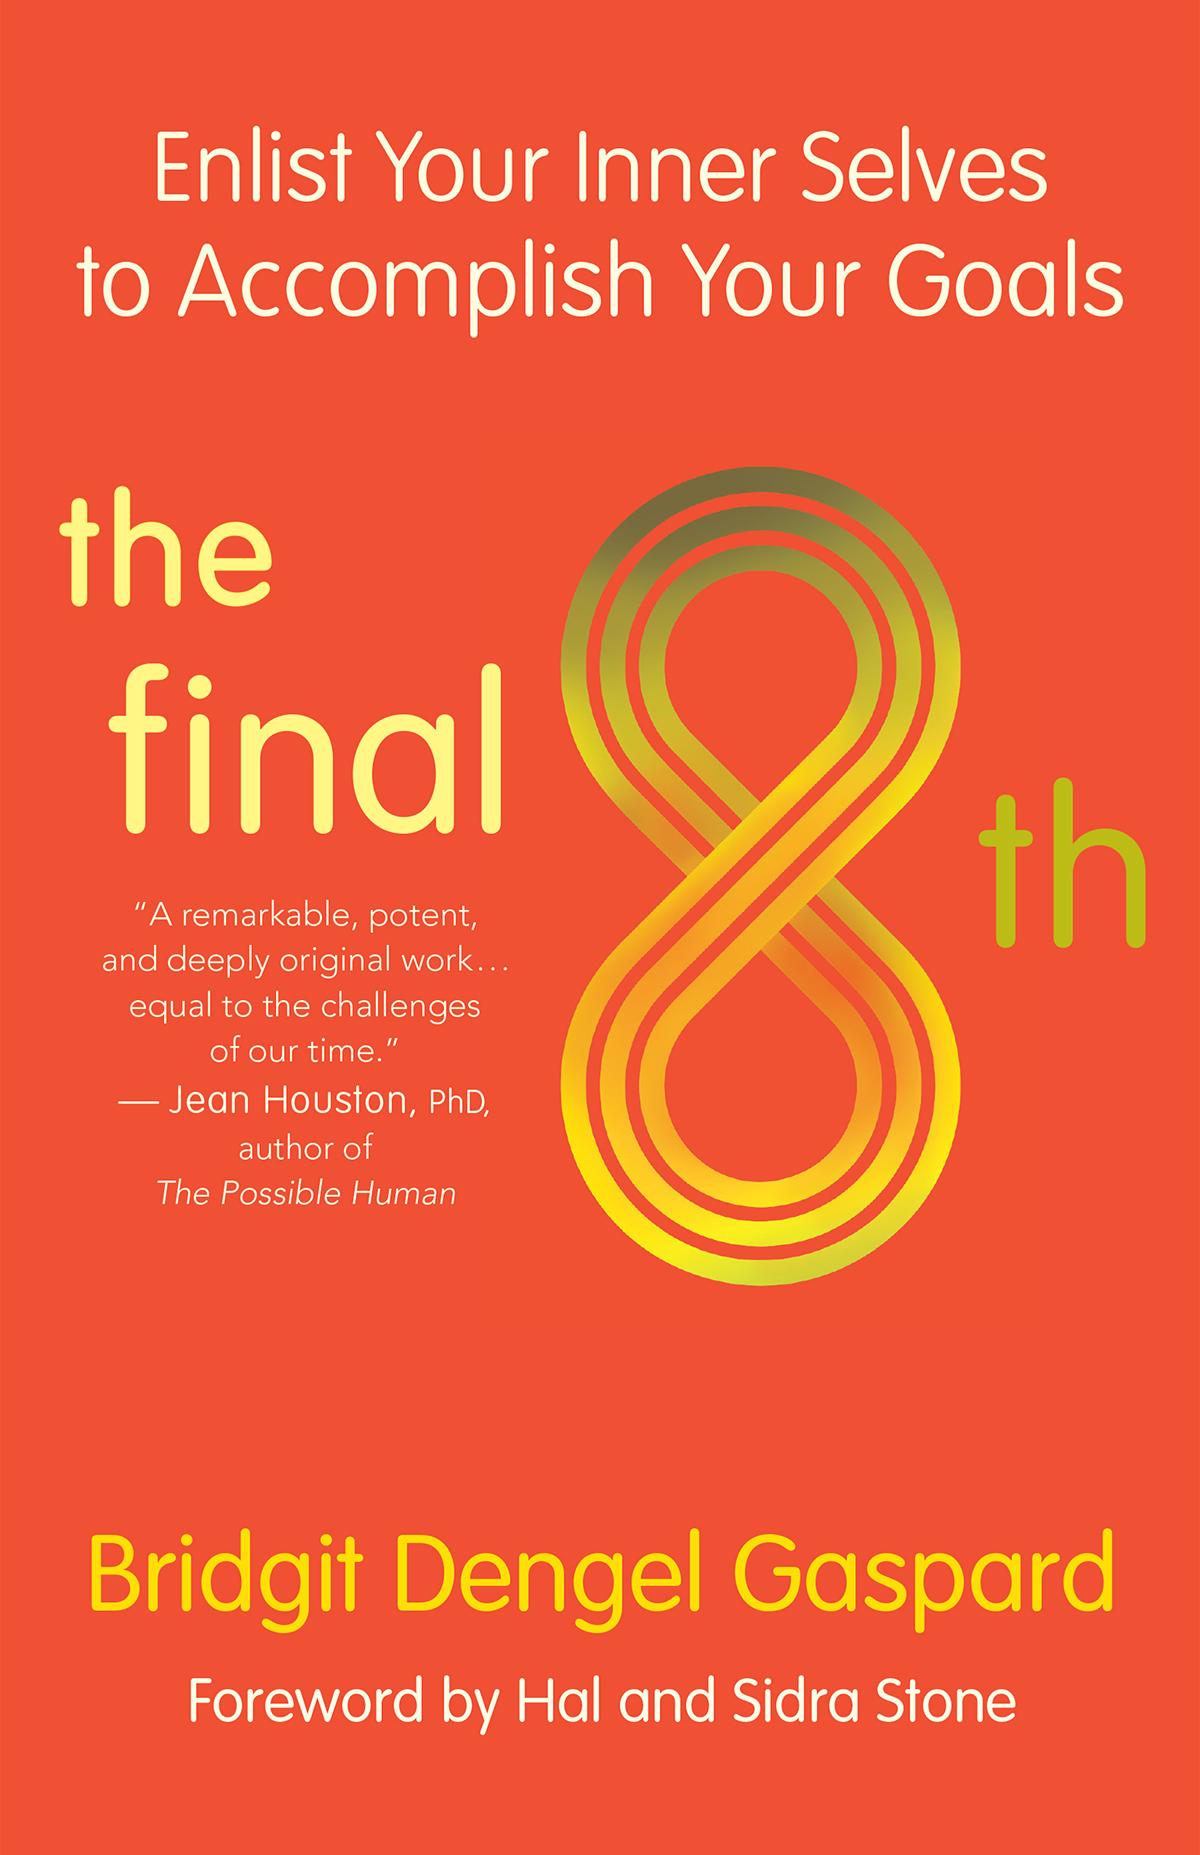 Final8th_mechanical_cvr.indd